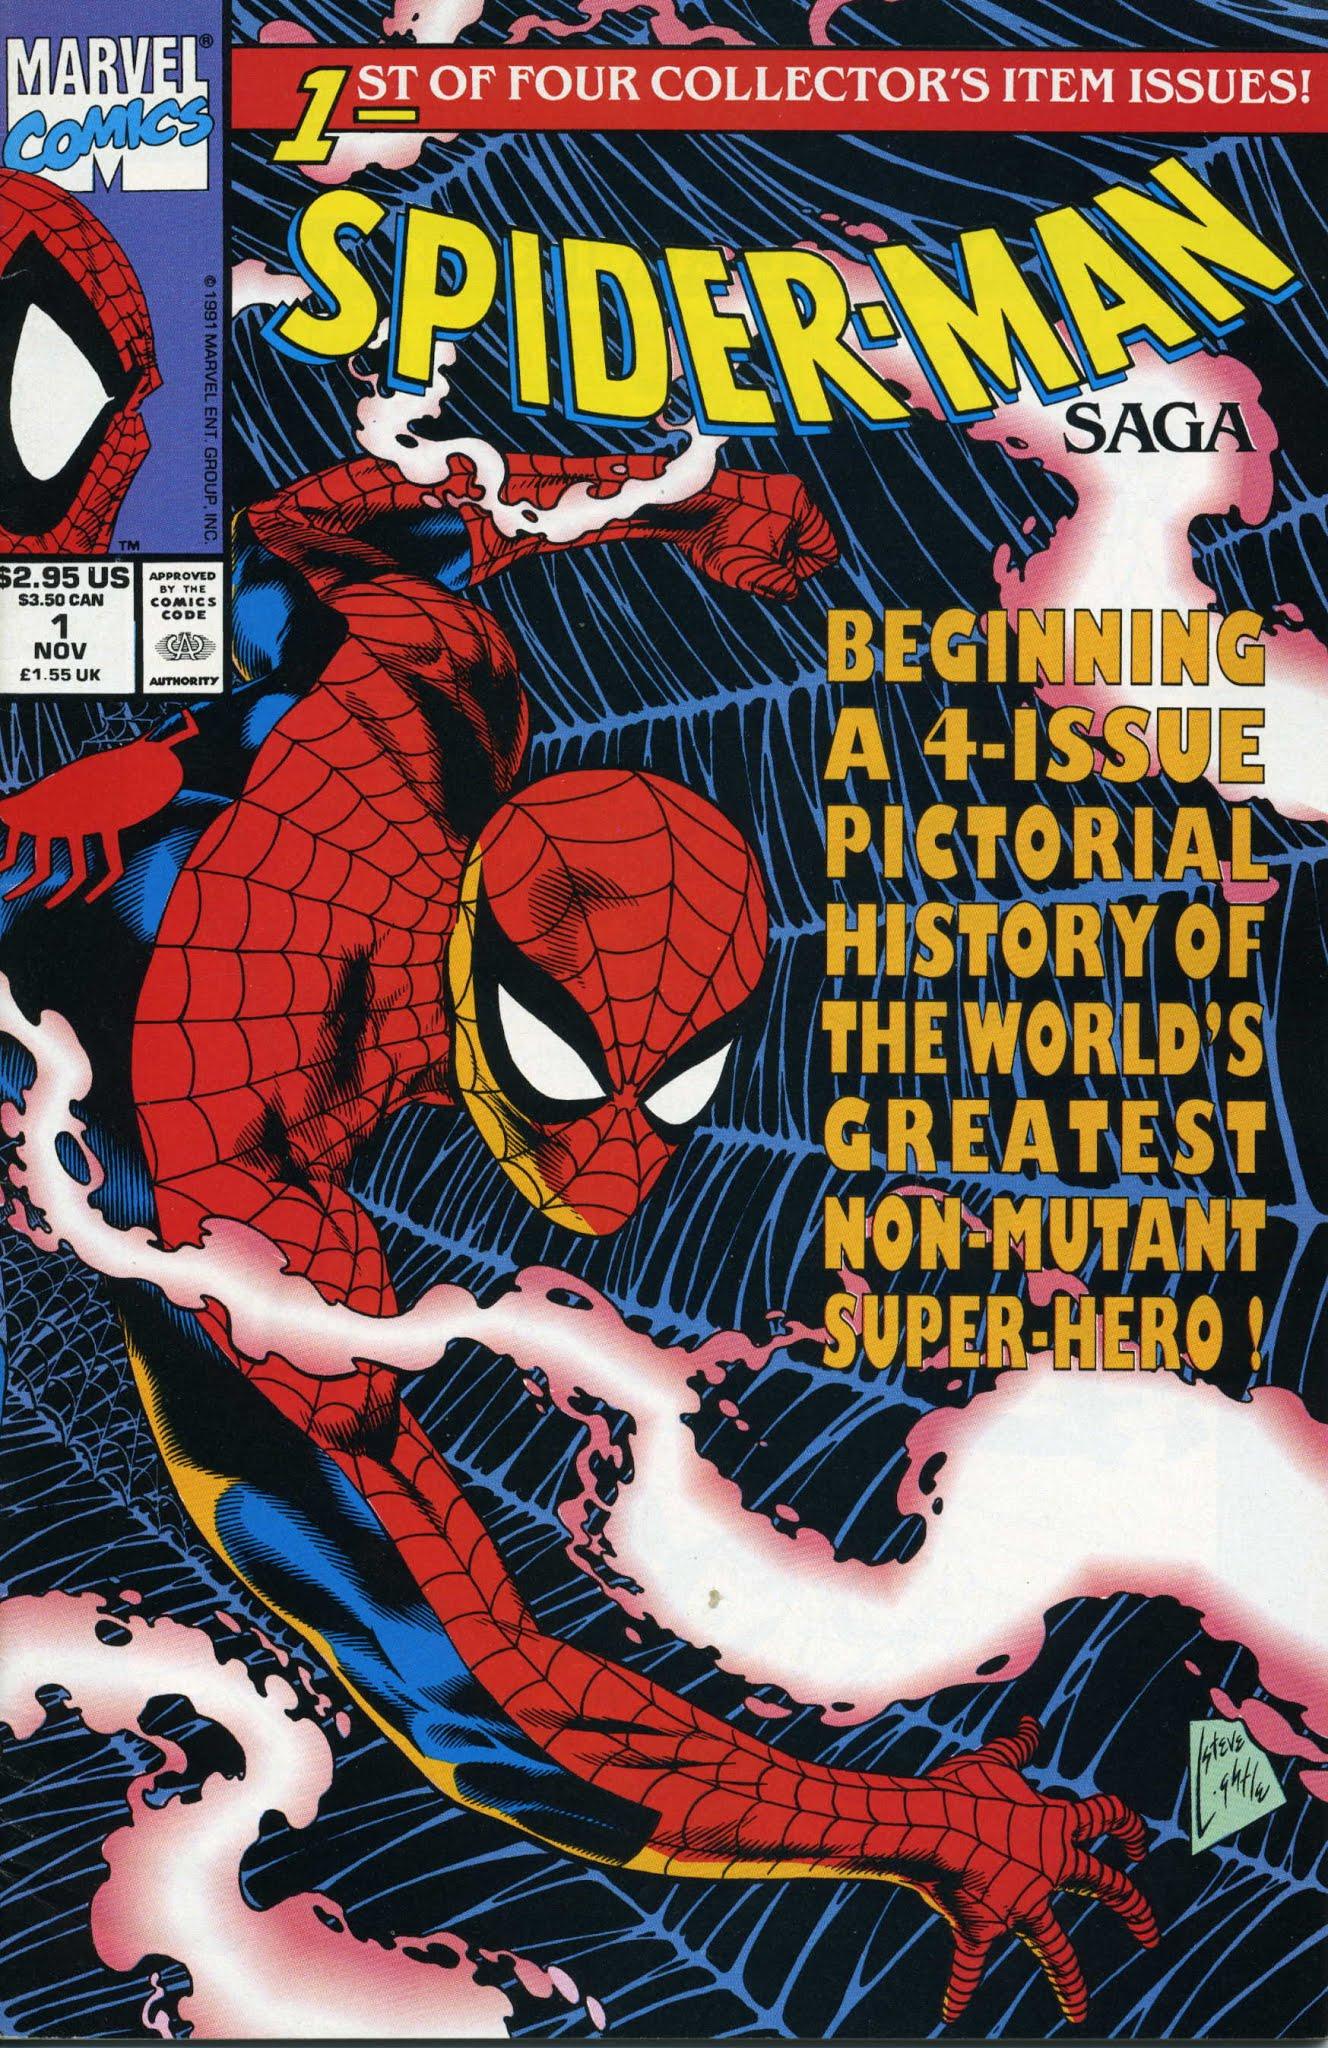 Spider-Man Saga (1991) issue 1 - Page 1